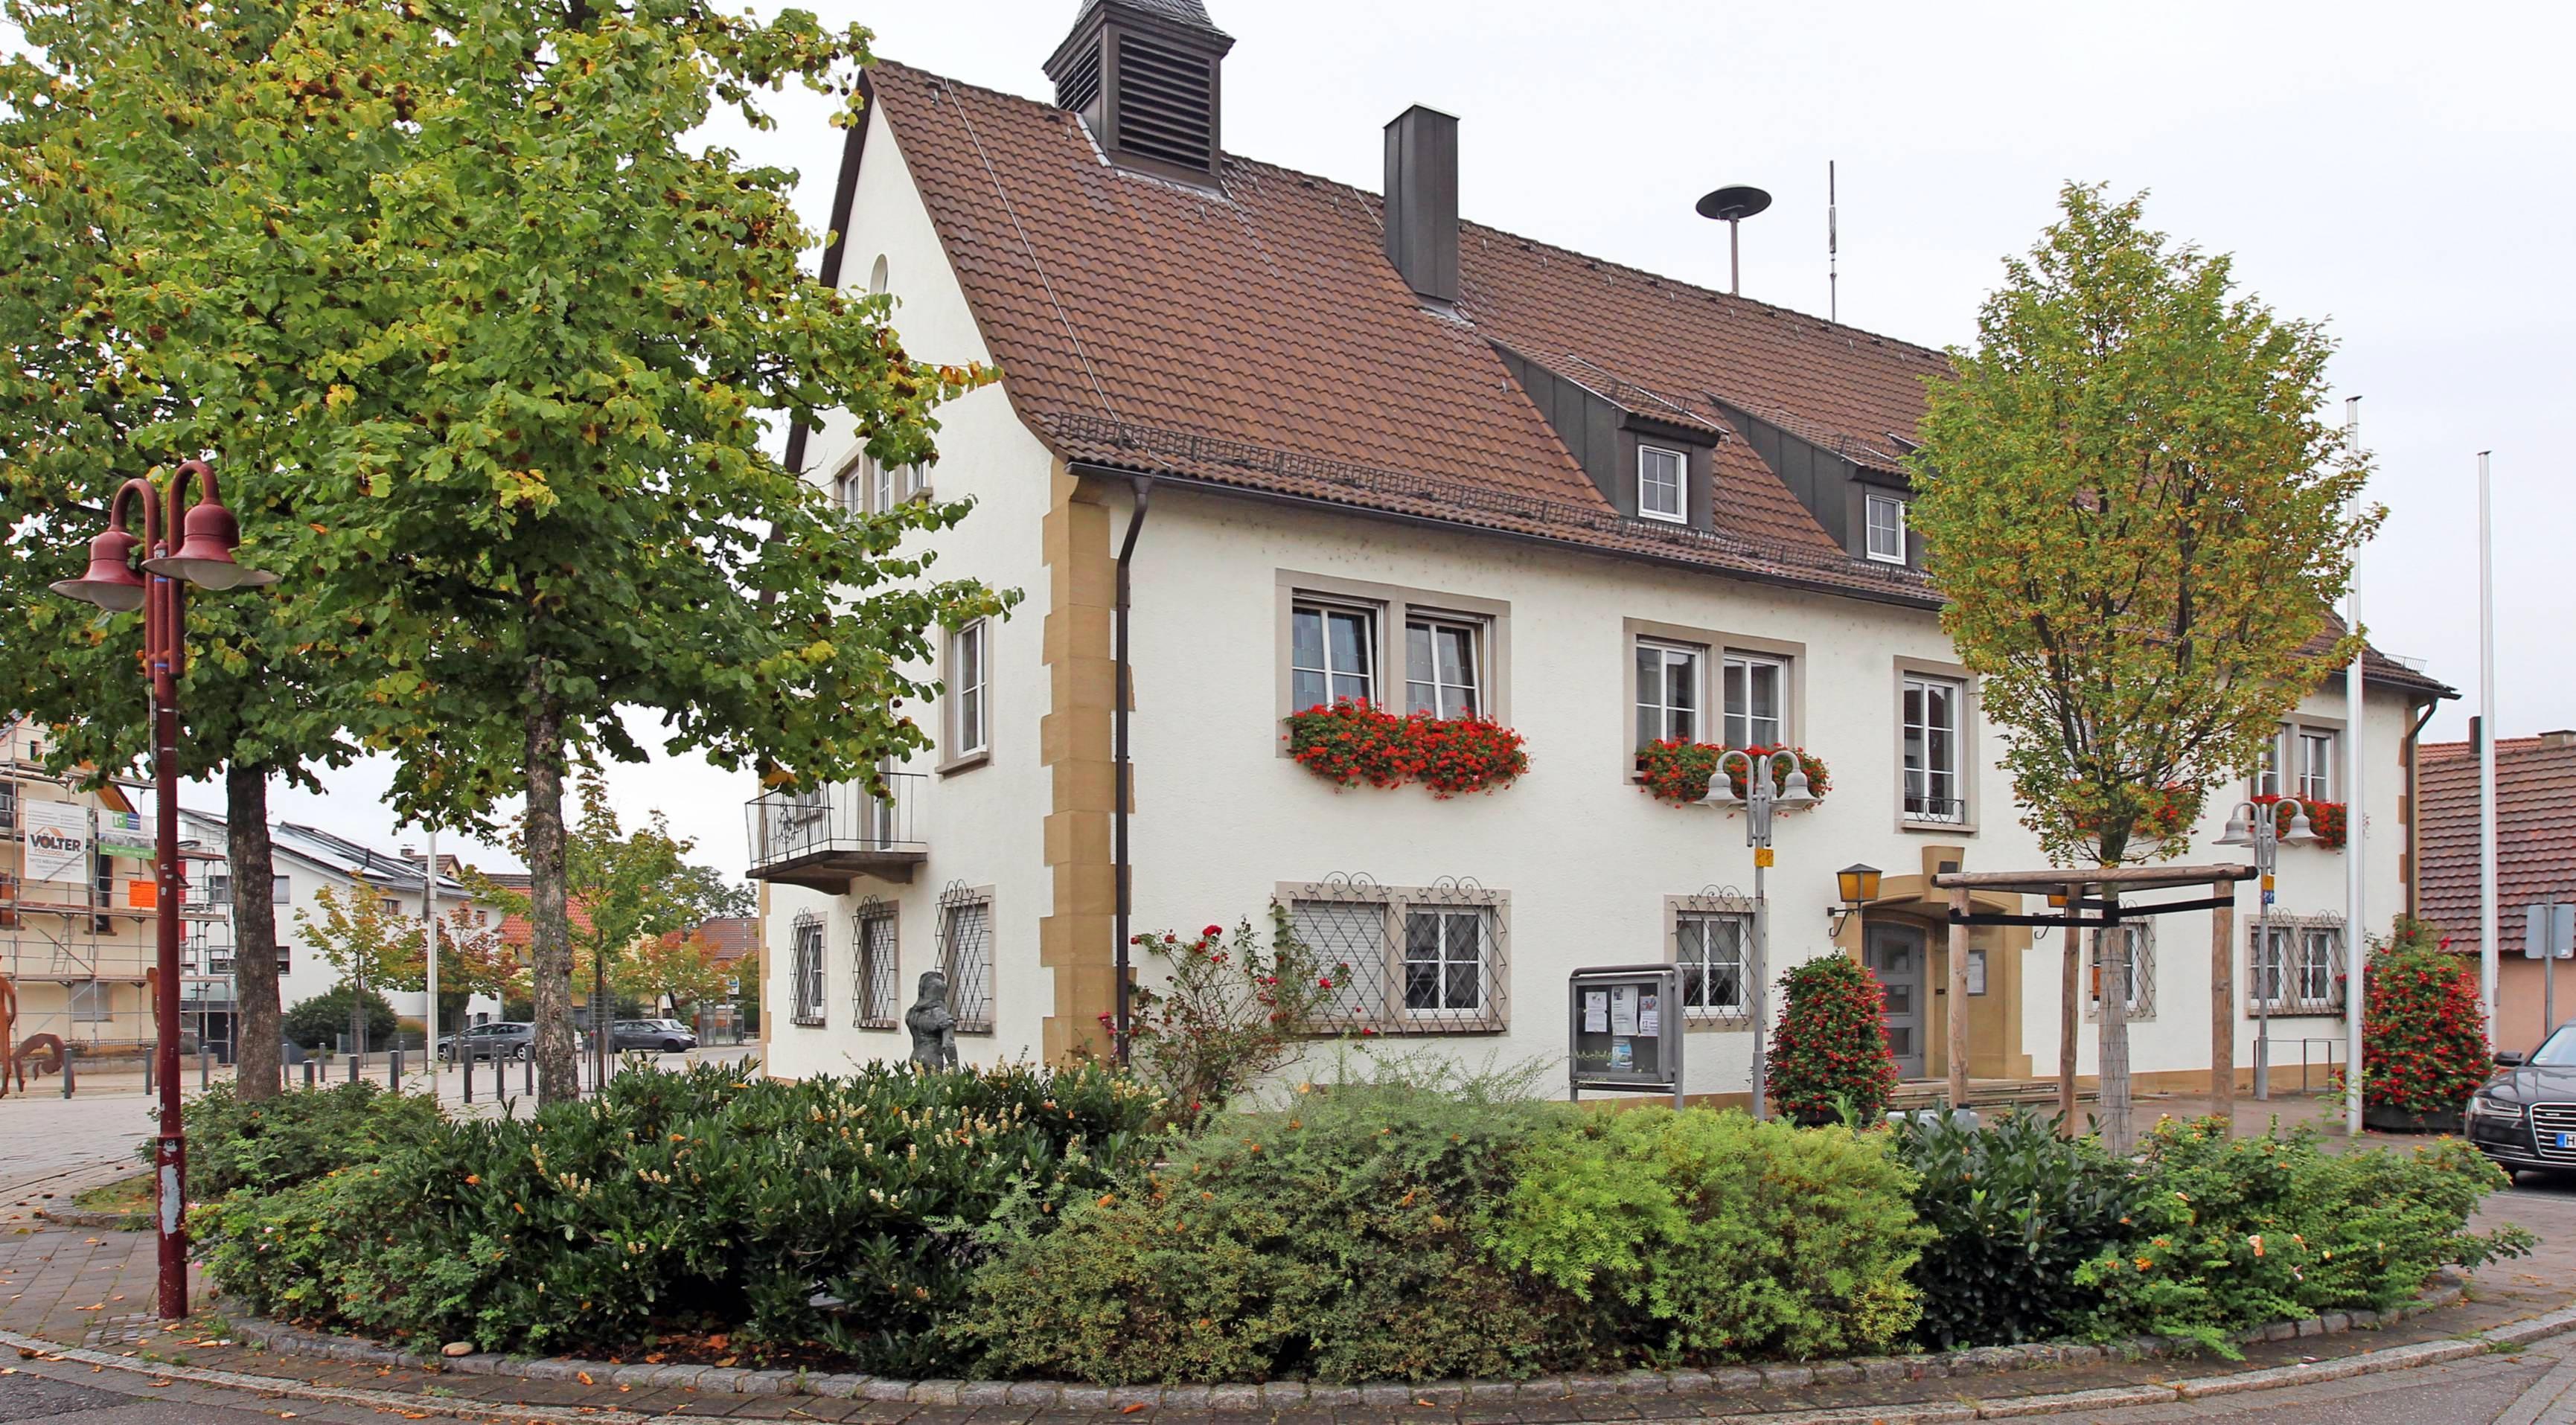 In Neckarsulm und seinen Stadtteilen – hier Obereisesheim – können sich Bürger jetzt als Grünpaten für öffentliche Bereiche bewerben. Foto: Archiv/Veigel